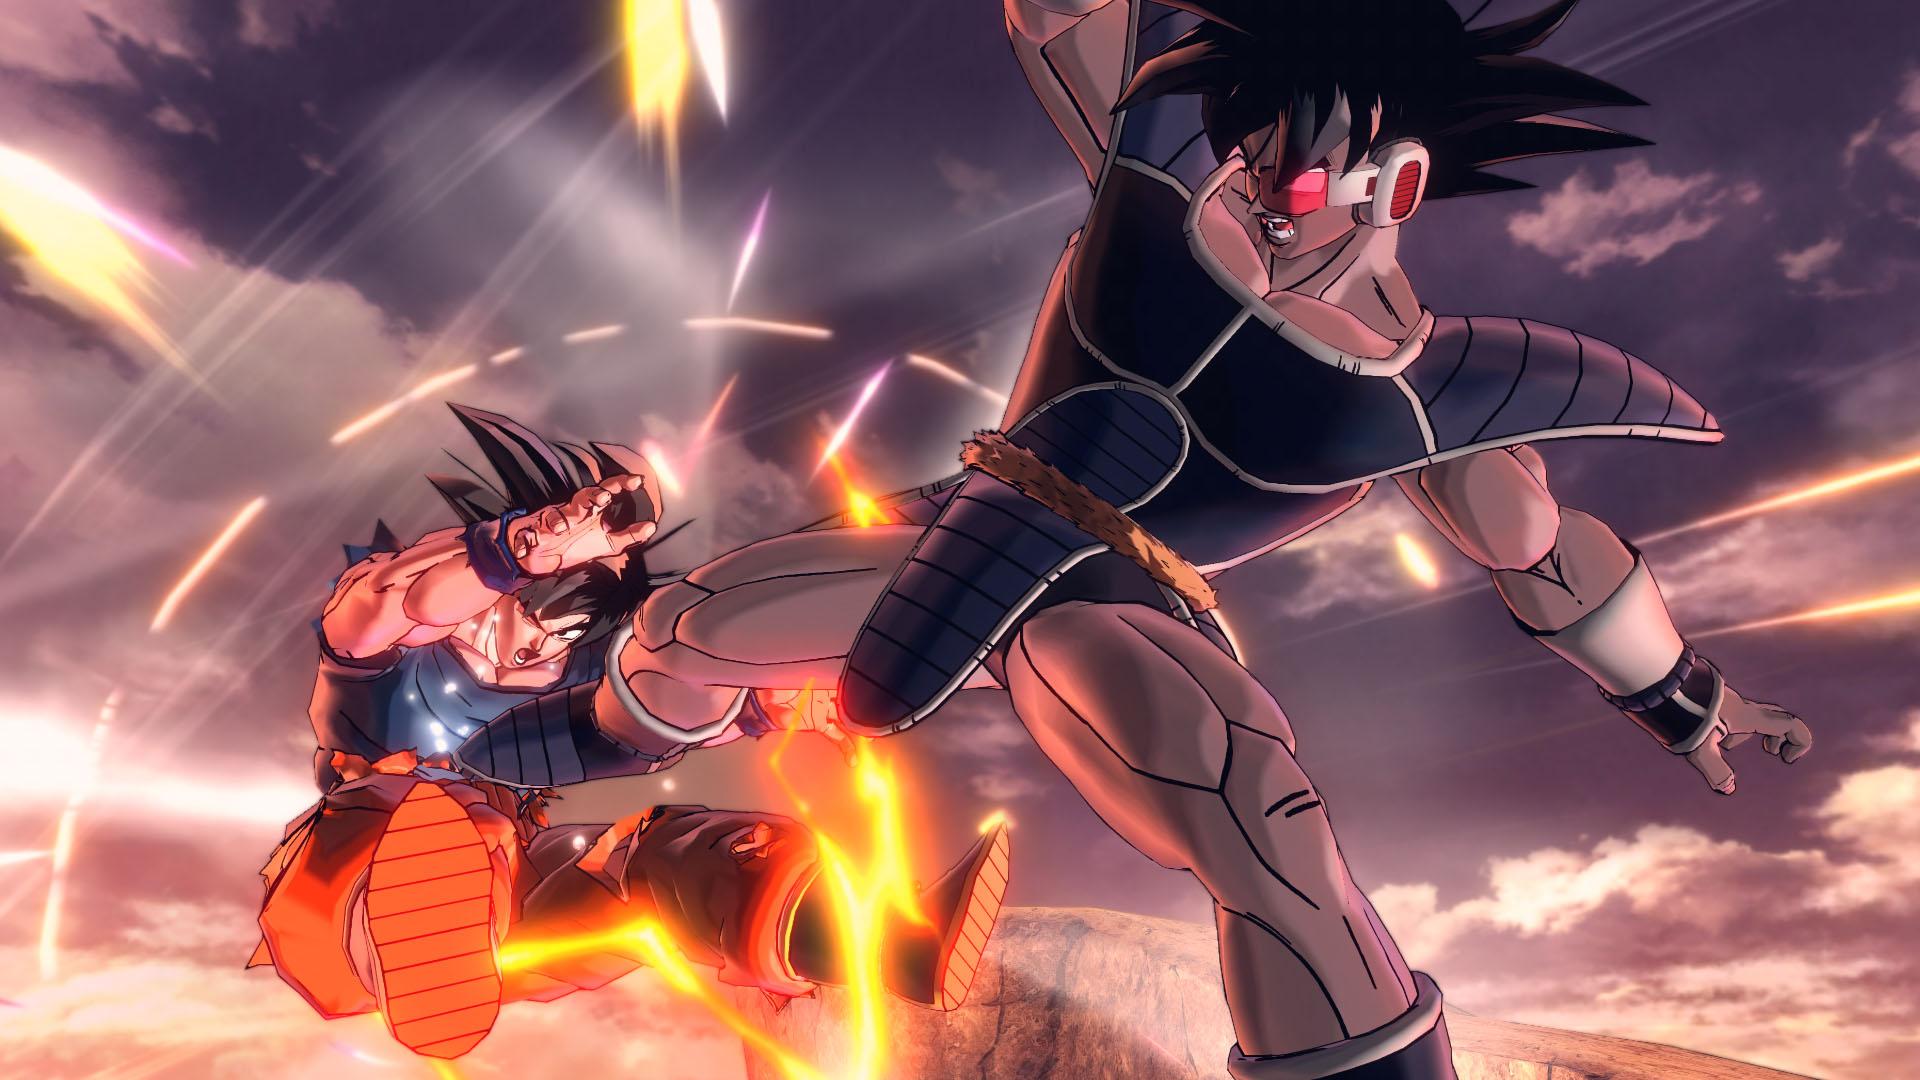 Dragon Ball: Xenoverse 2 image 2